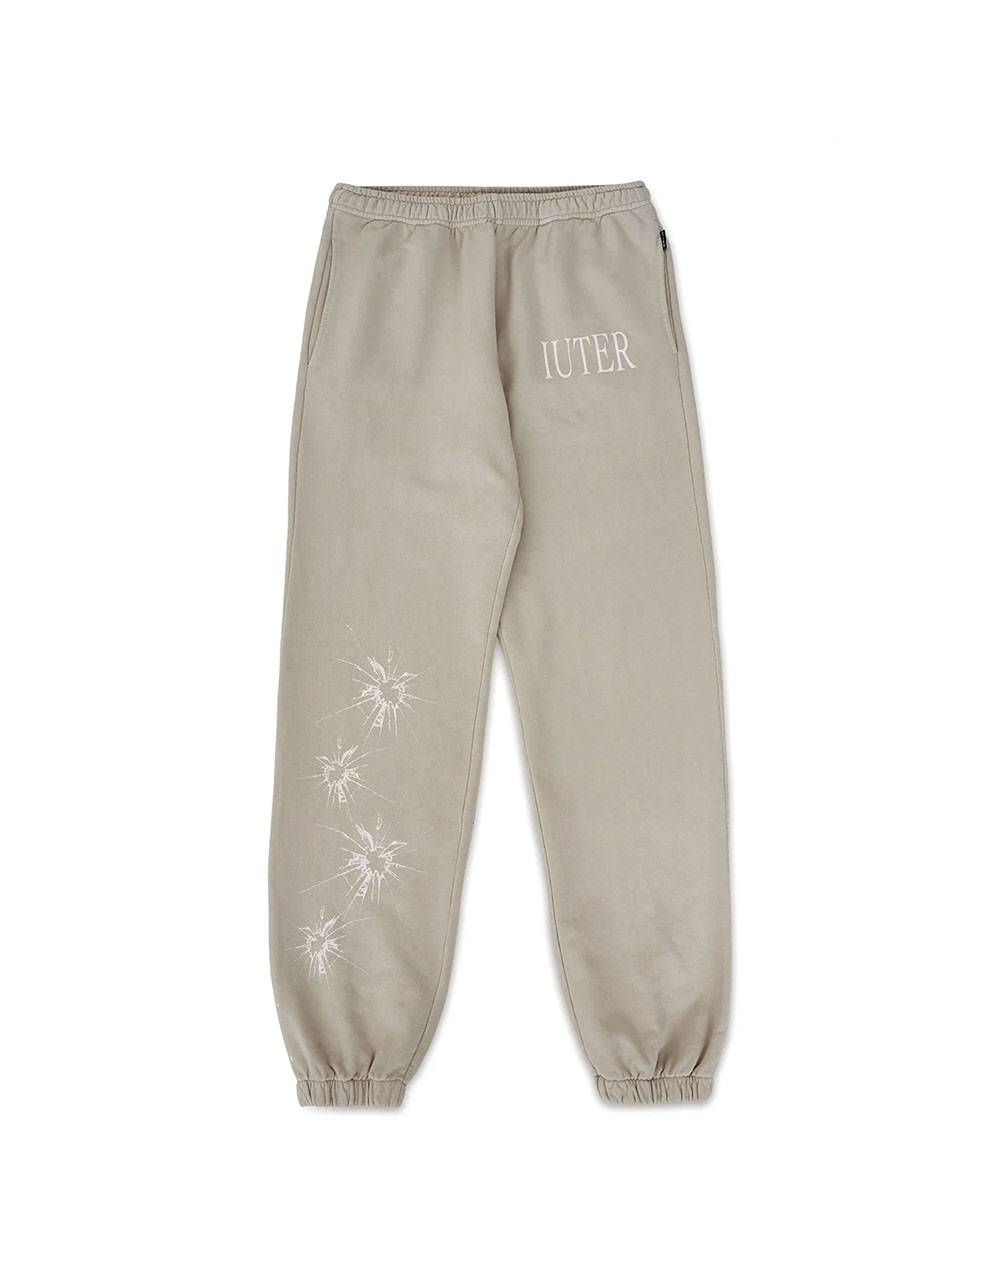 Iuter Value sweatpants - Grey IUTER Pant 102,00€